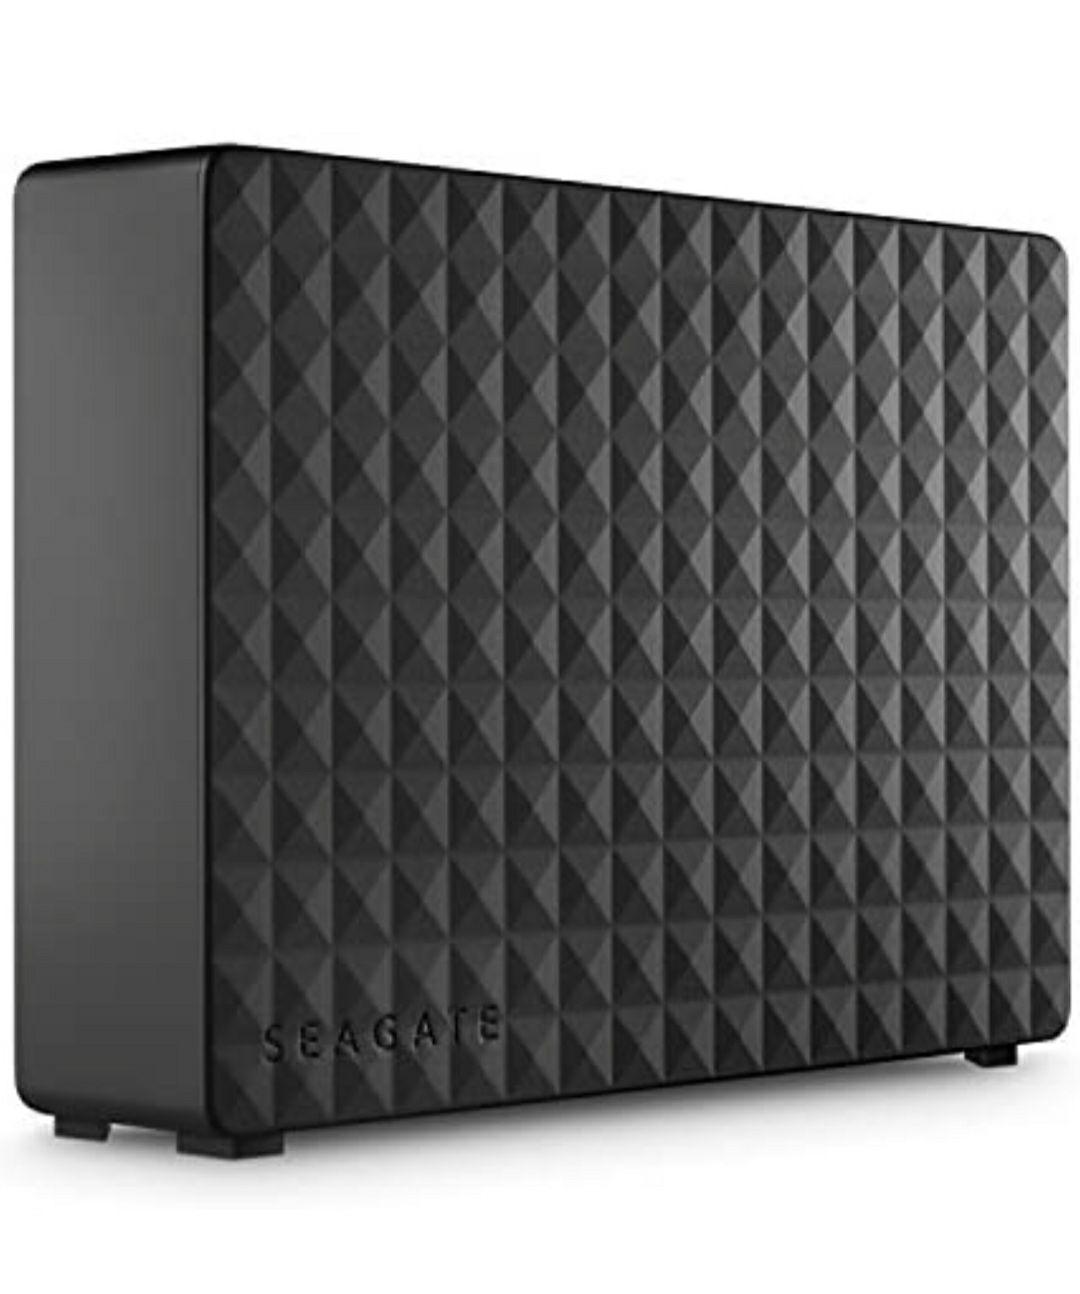 Seagate Expansion Desktop, 6 TB, Disco duro externo, HDD, USB 3.0 PC, portátil y Mac, 2 años servicios Rescue (Envío incluido)